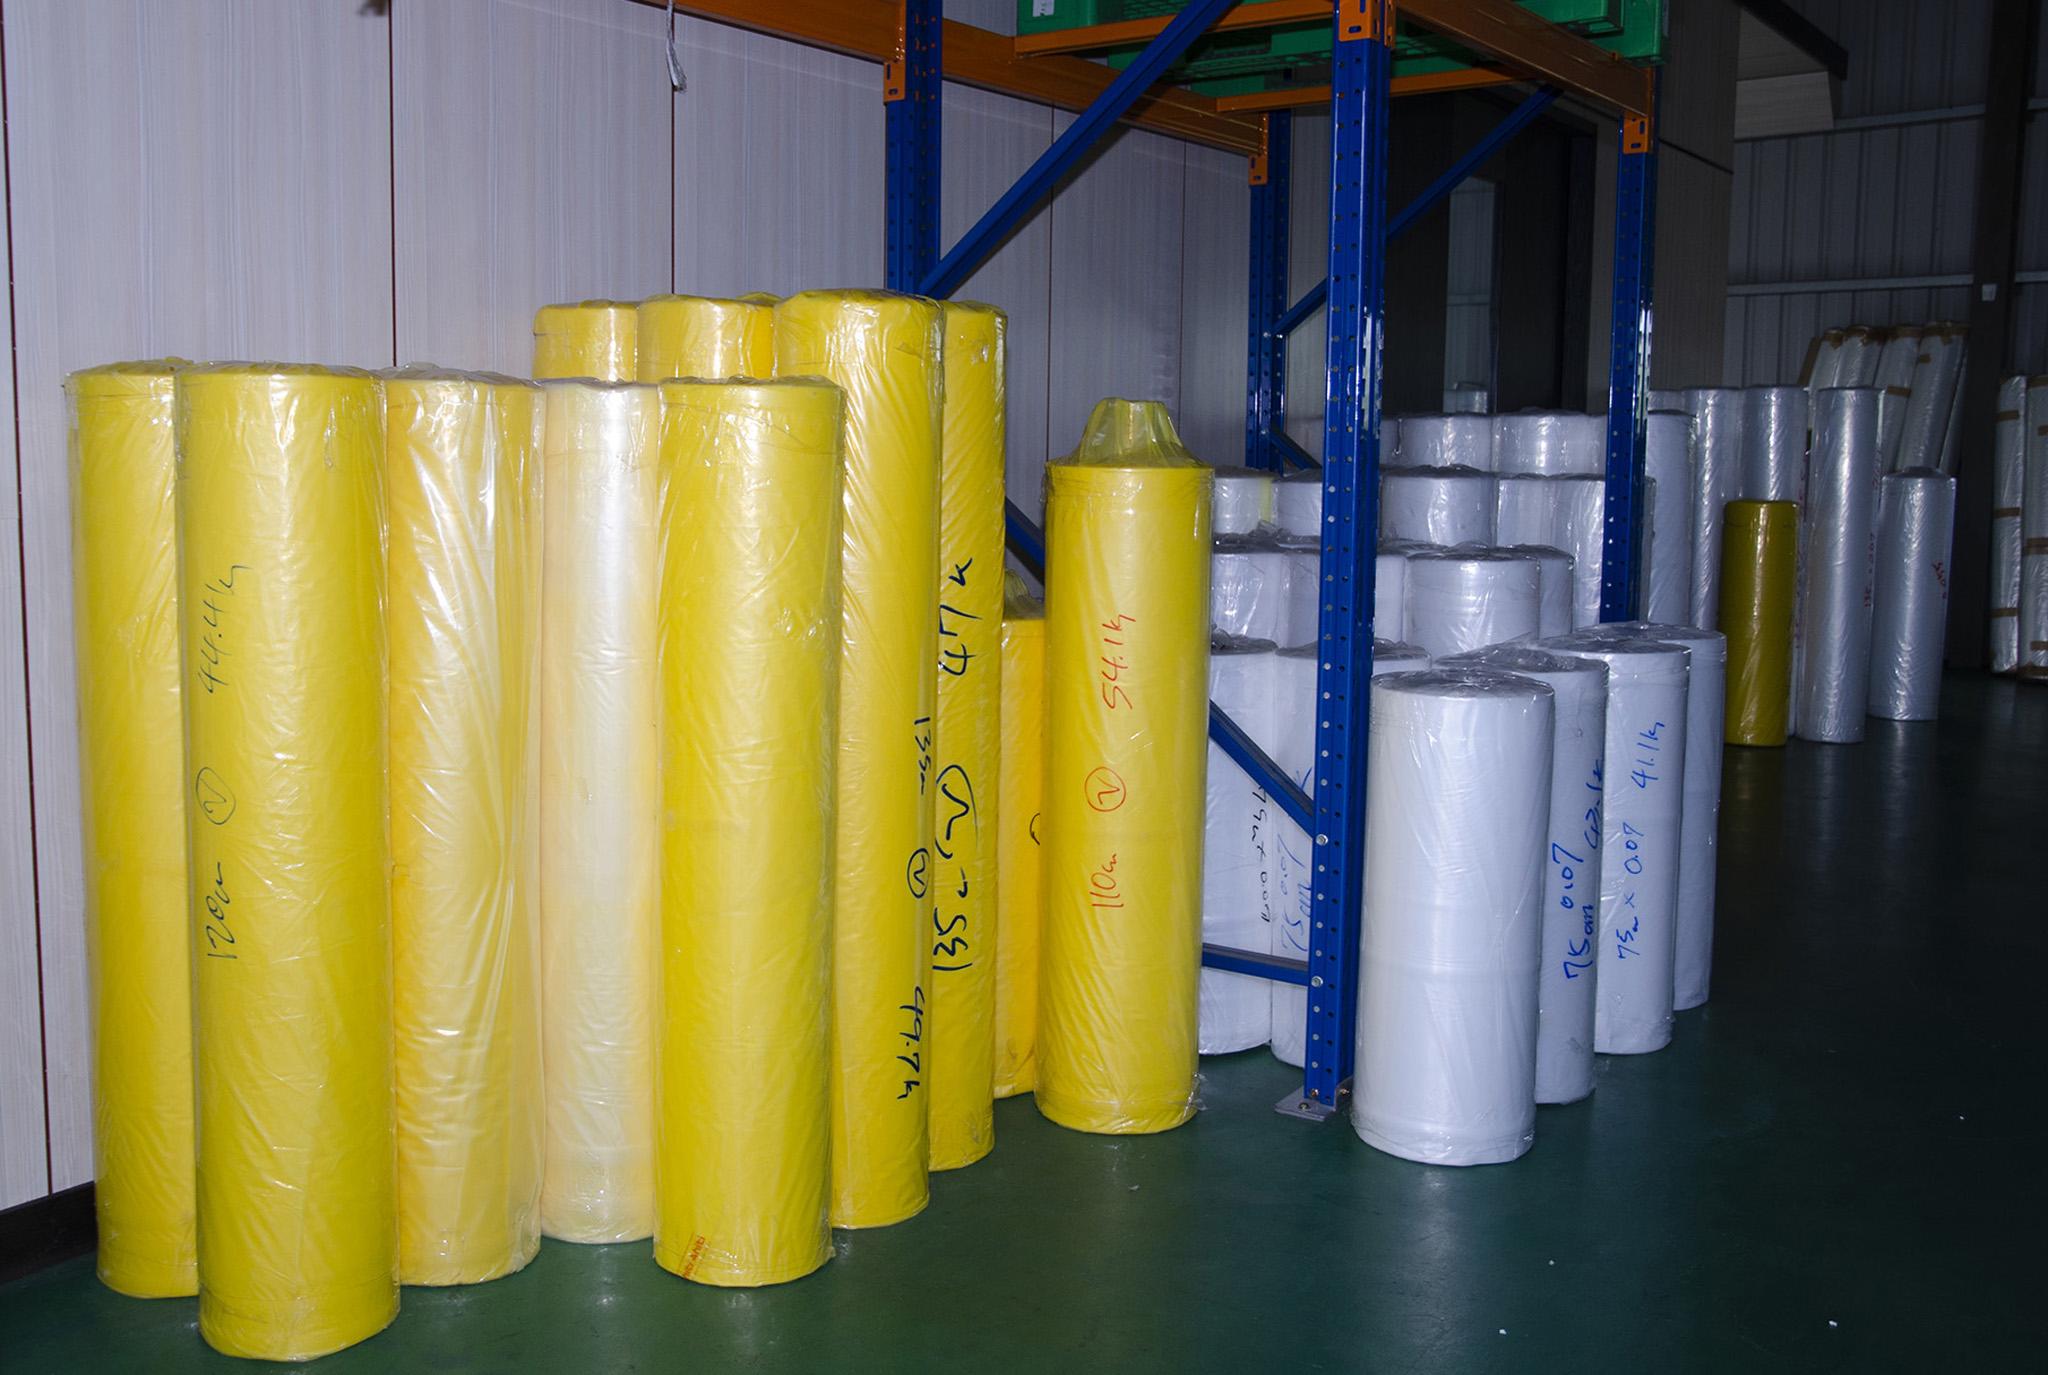 錦融有限公司委外製作的塑膠包材半成品。